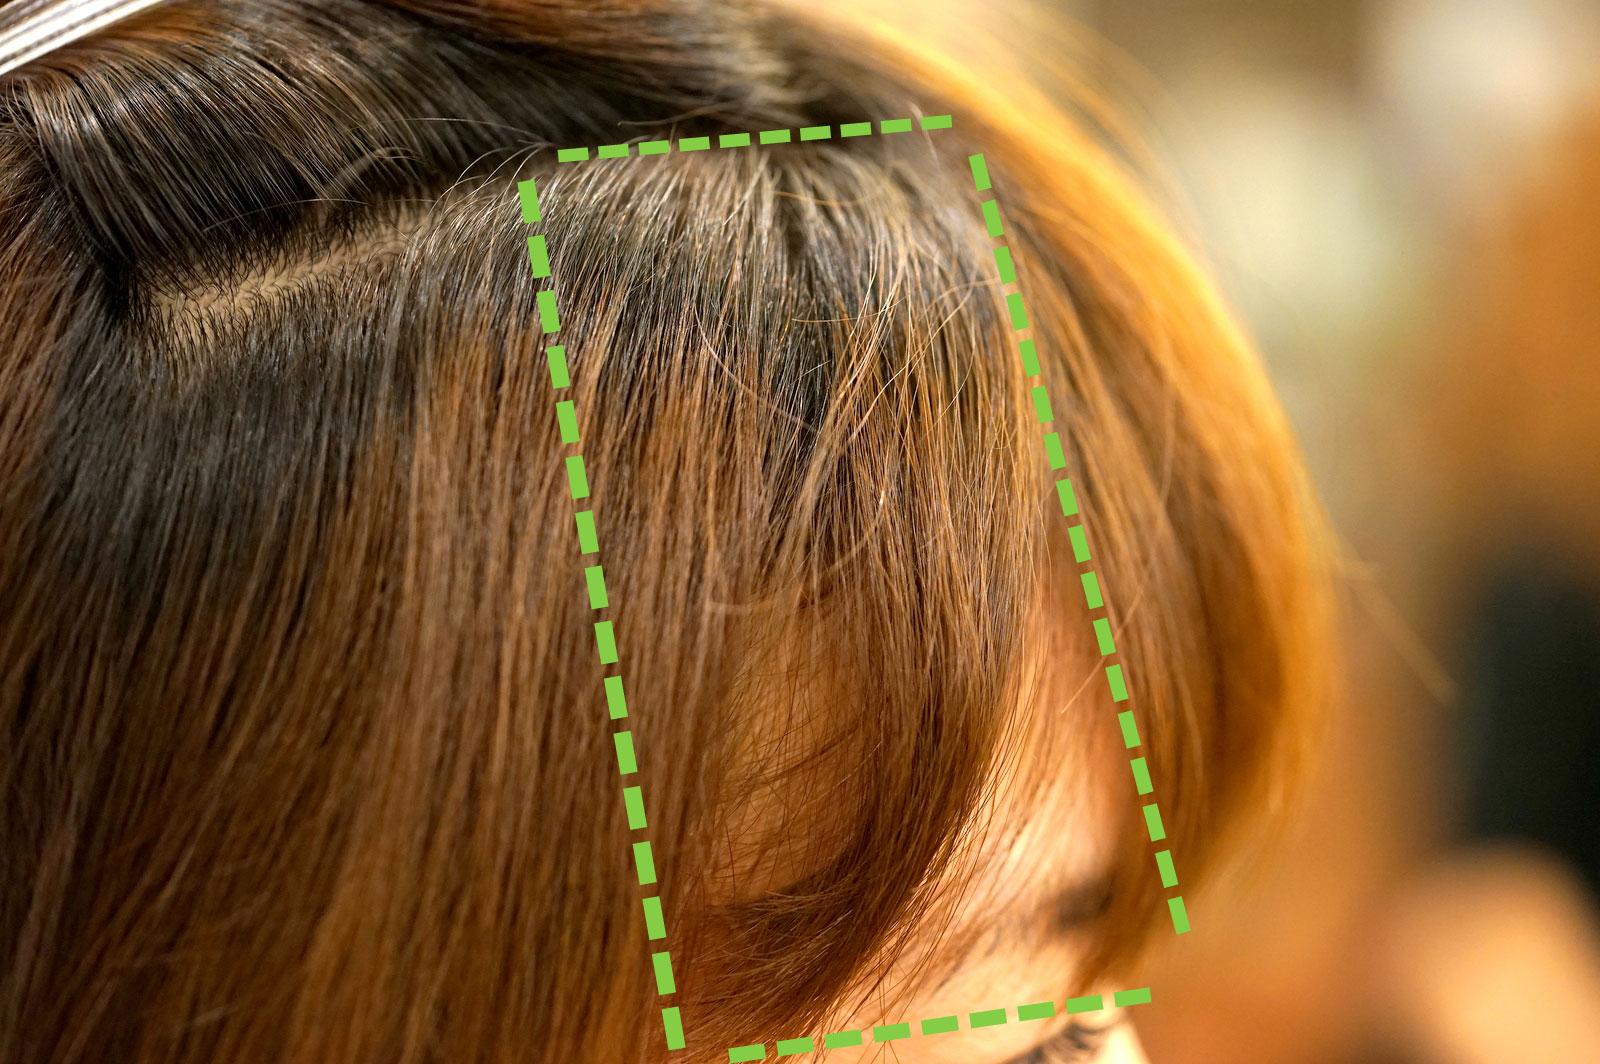 前髪のクセ(外ハネ)が気になるぞっ! って方の解決法。